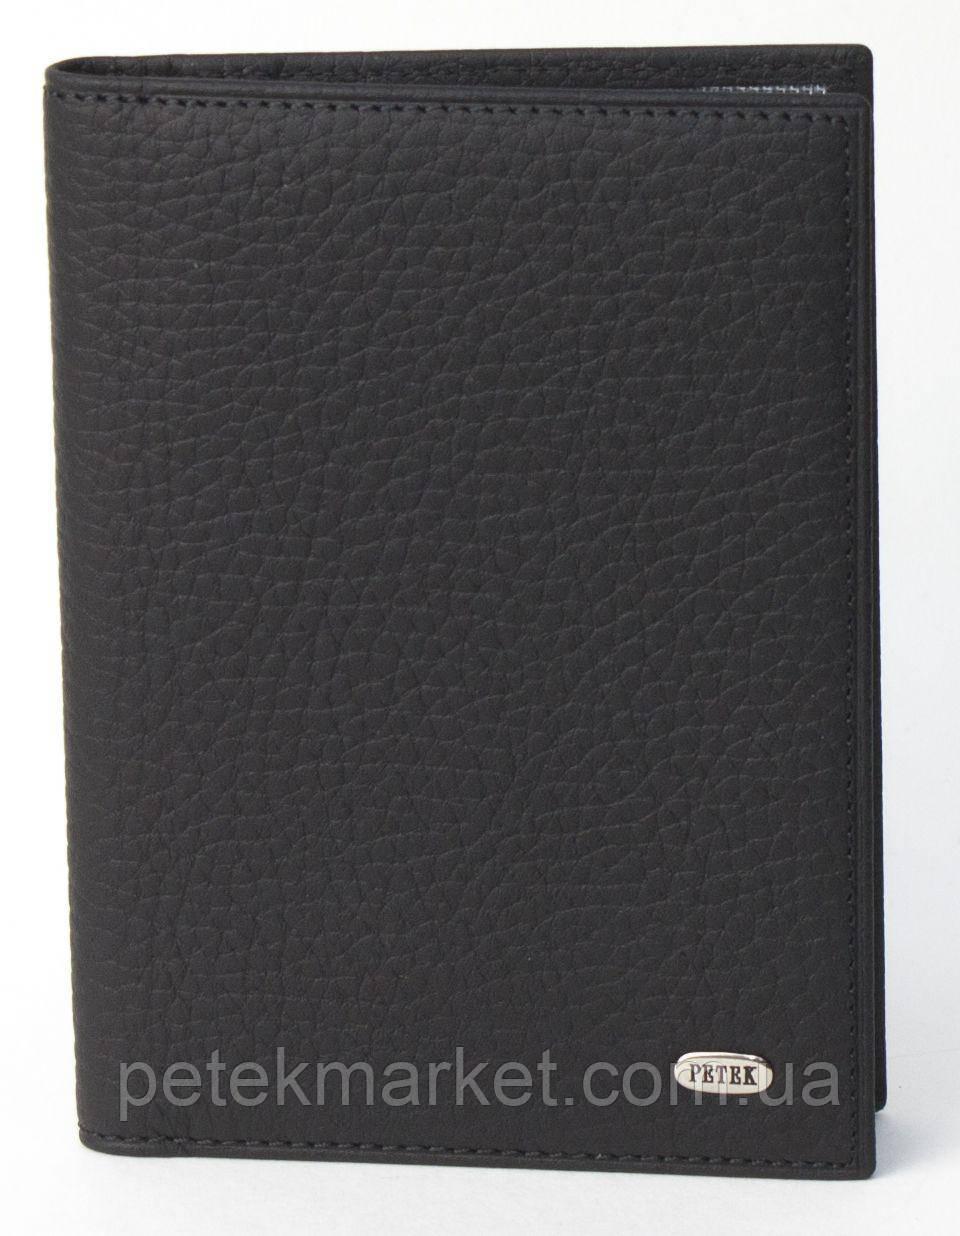 Обложка для прав PETEK 584 Черный (584-234-01)